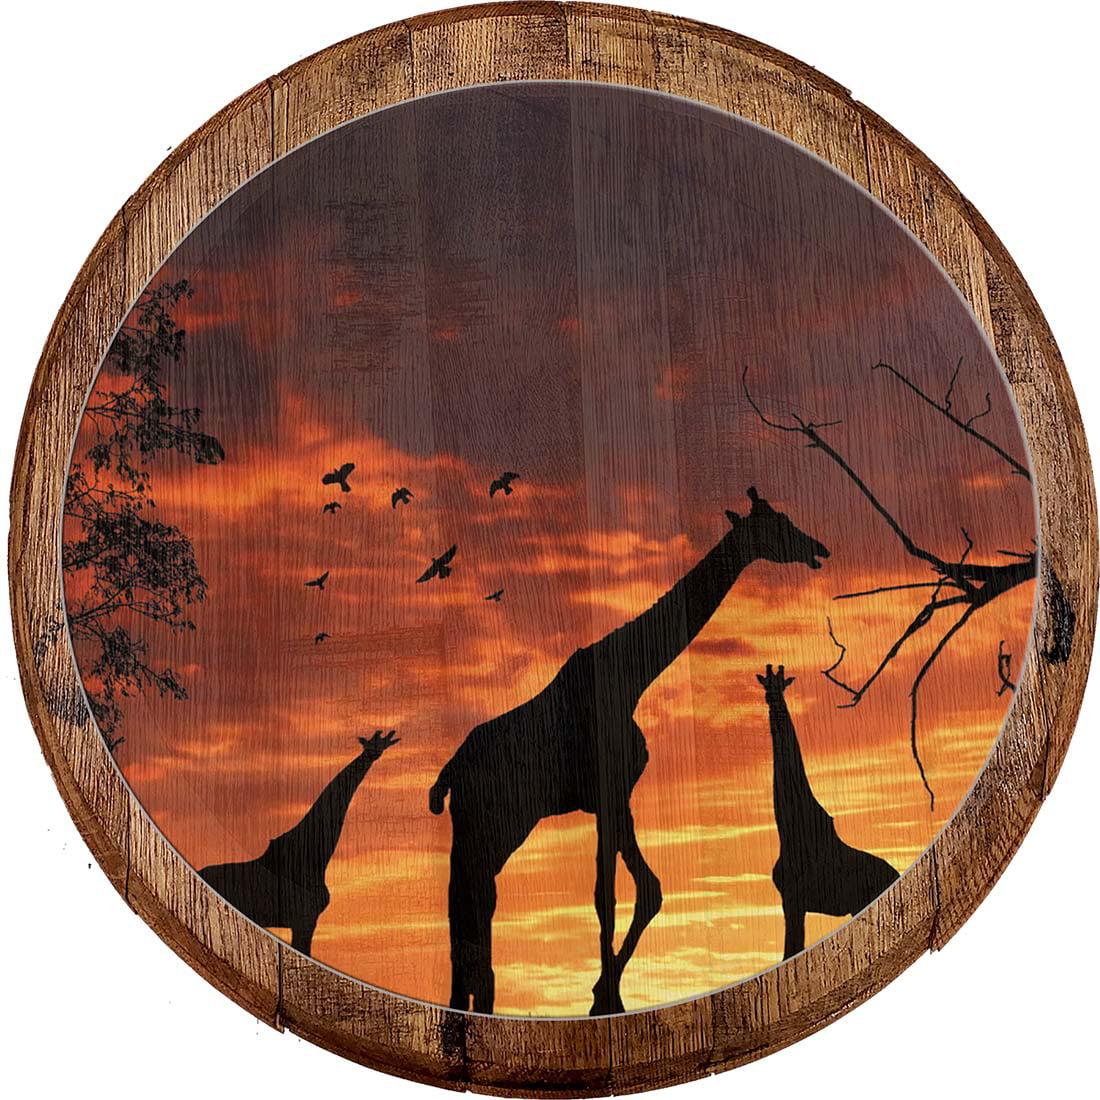 Bar Sign Silhouette Giraffe Sunset Sunrise African Safari Sahara Bar Wall Decor Wall Art Walmart Com Walmart Com